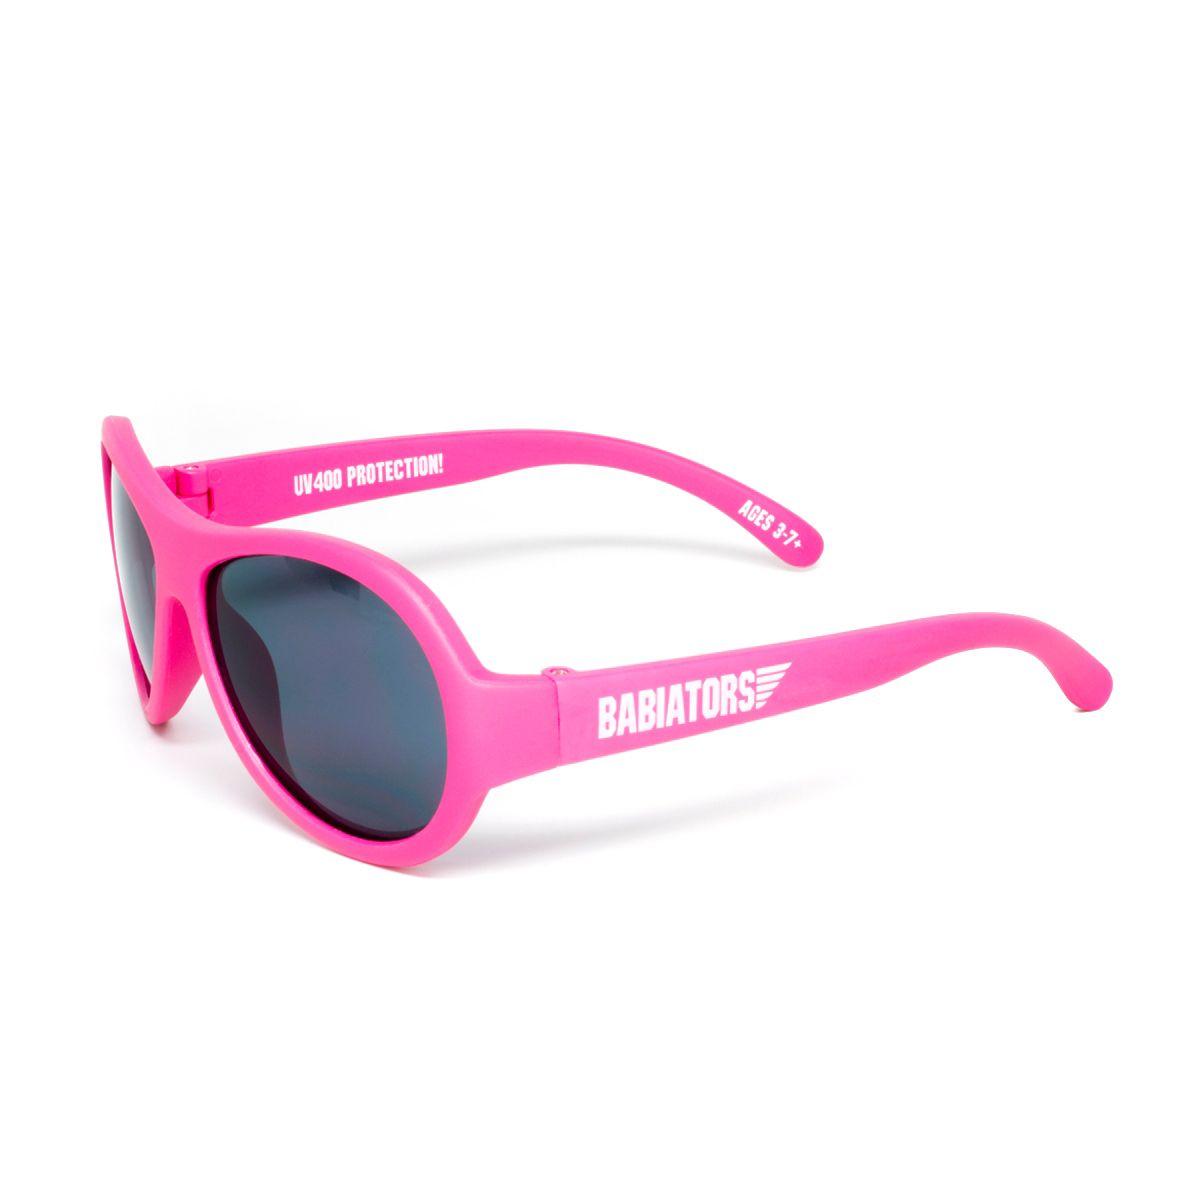 Παιδικά γυαλιά ηλίου Aviator  fd83dced17a